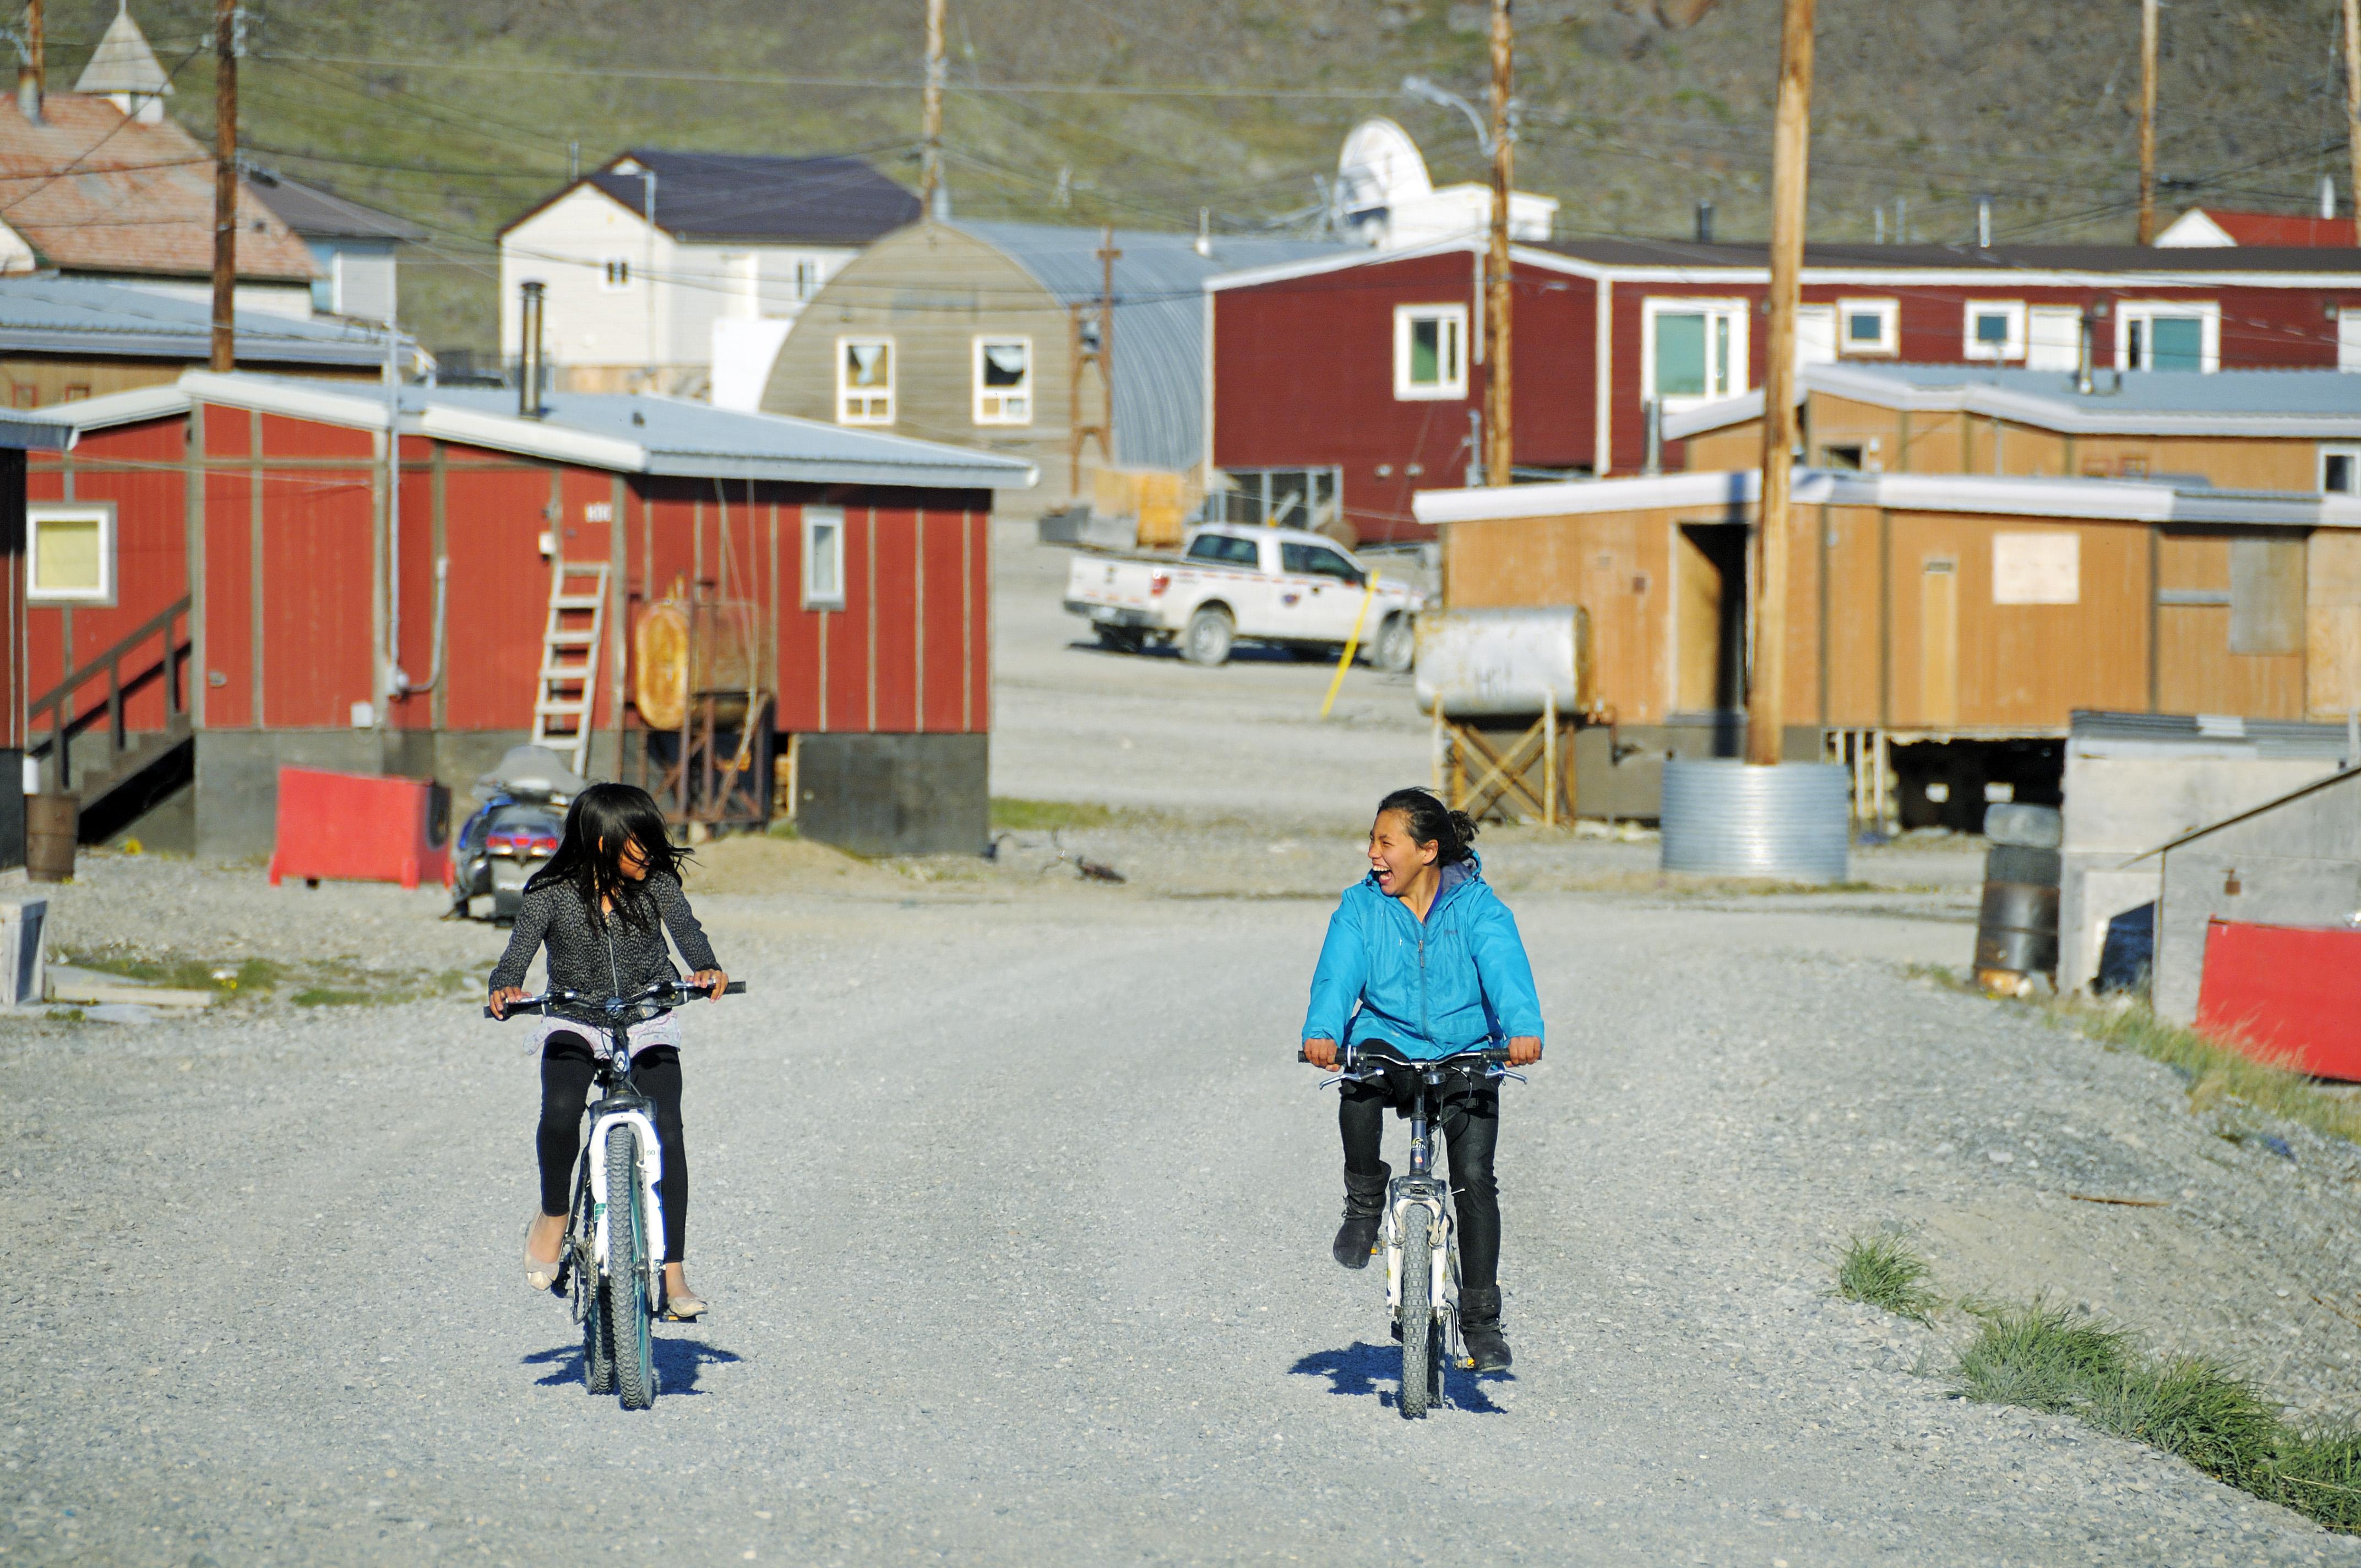 Kinder auf Fahrrädern im Dorf Ulukhaktok, Victoria Island (vorher Holman Island), Northwest Territories, Kanada, Amerika